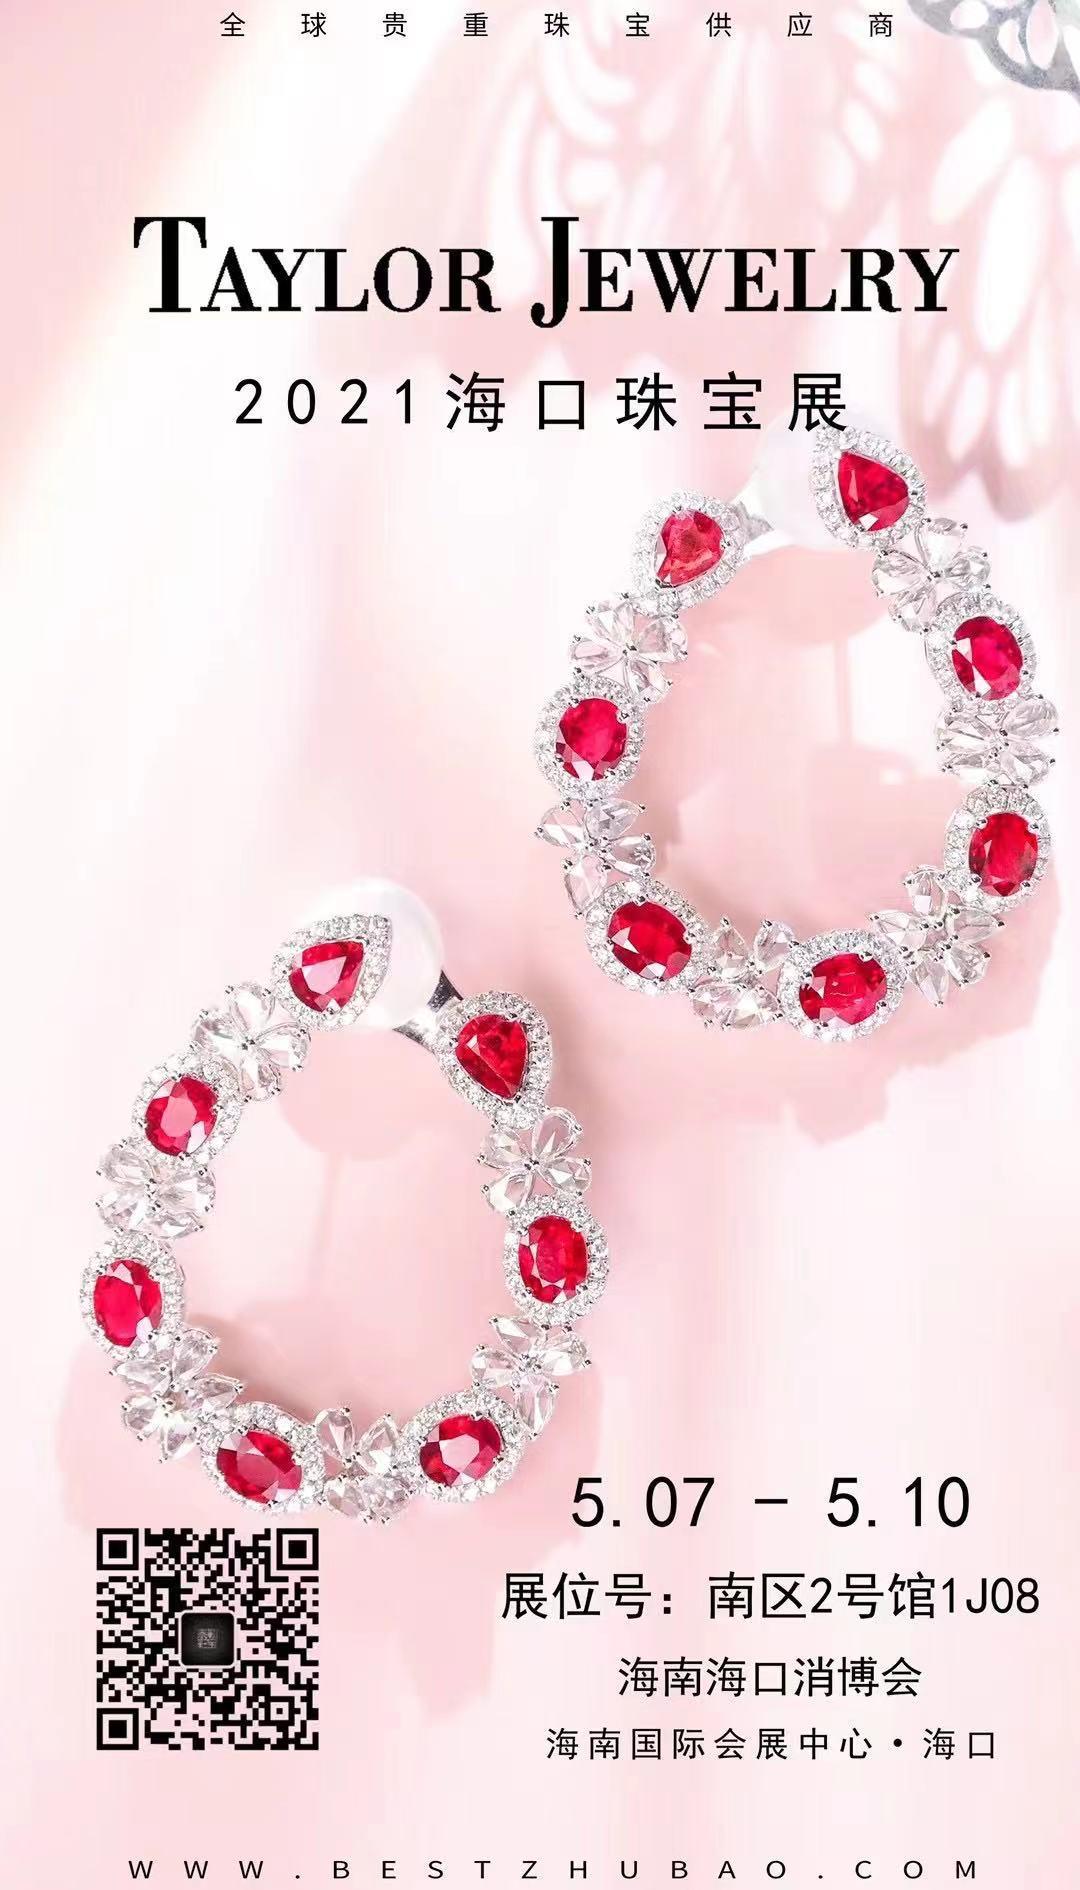 泰勒珠宝#2021中国国际消协品博览会圆满结束!